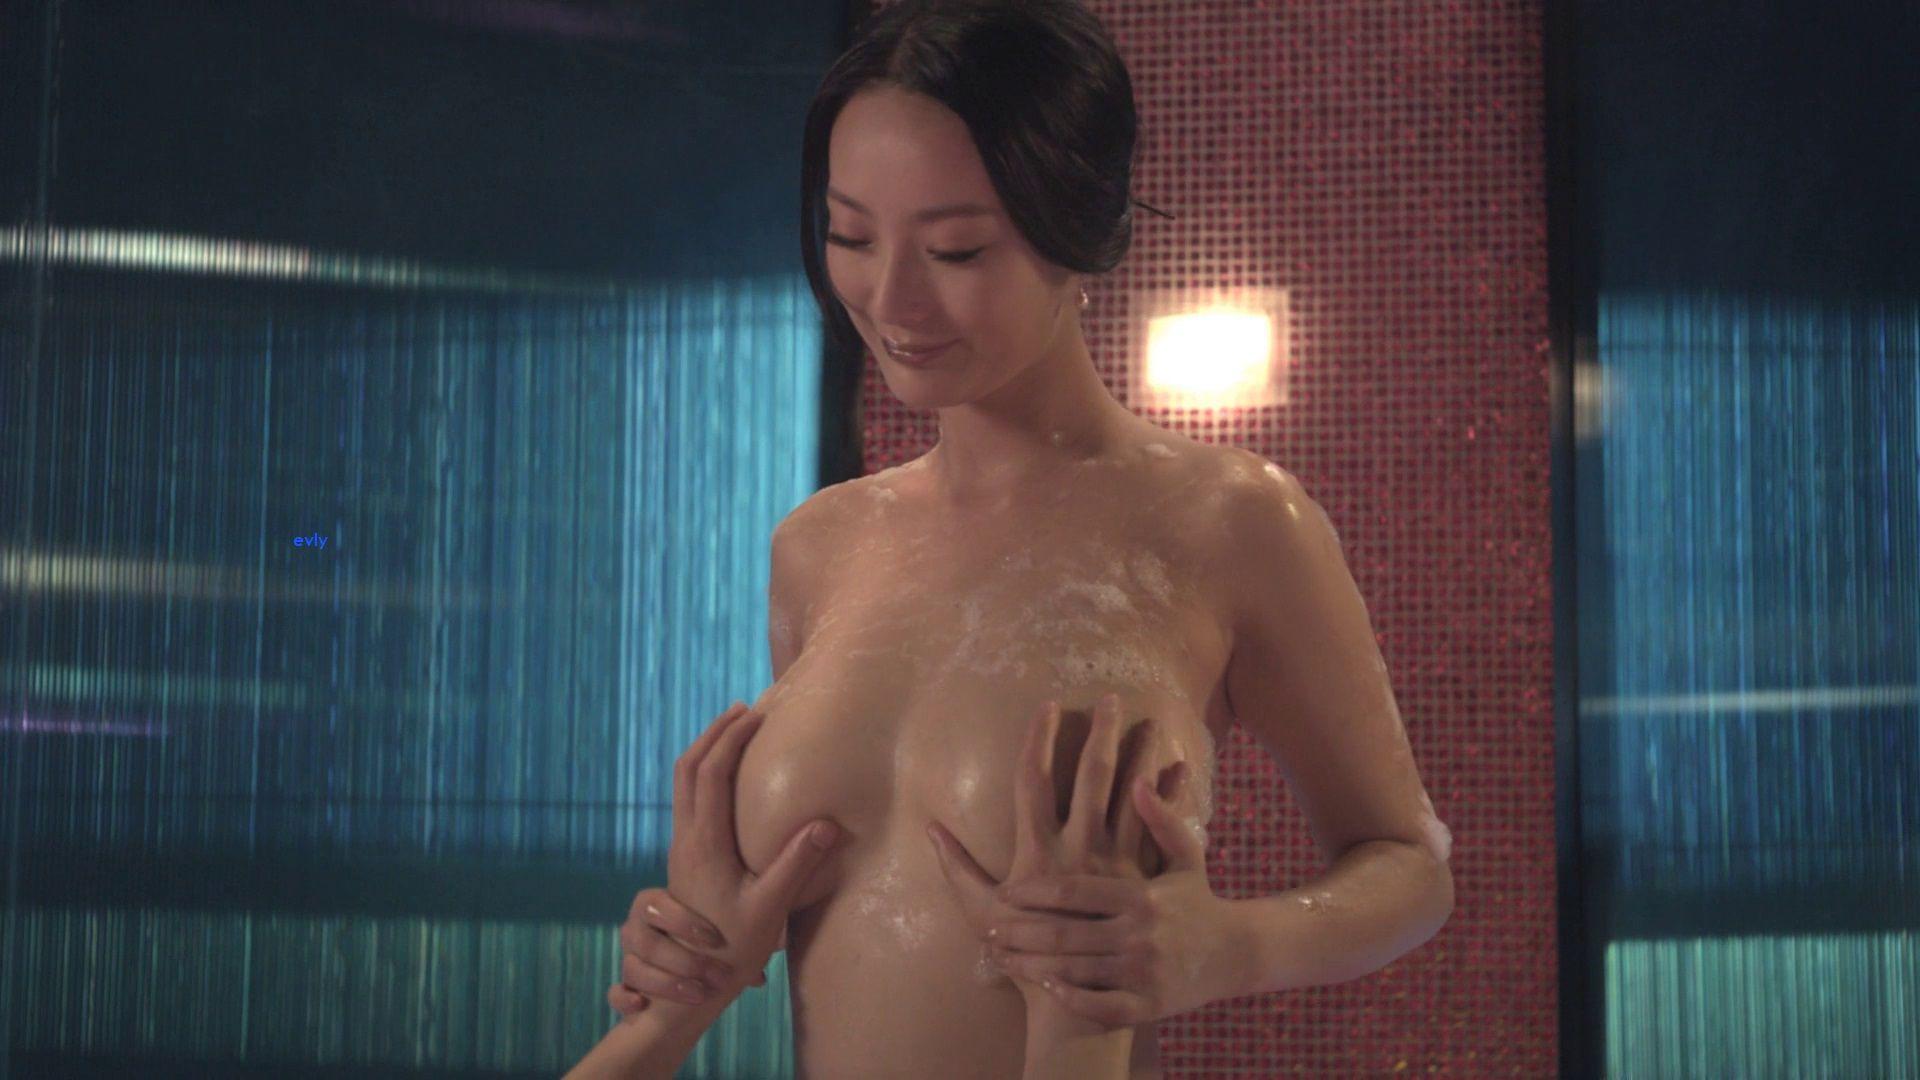 【画像・動画あり】中国産のAVがエロすぎると話題にwwwwwwwwww